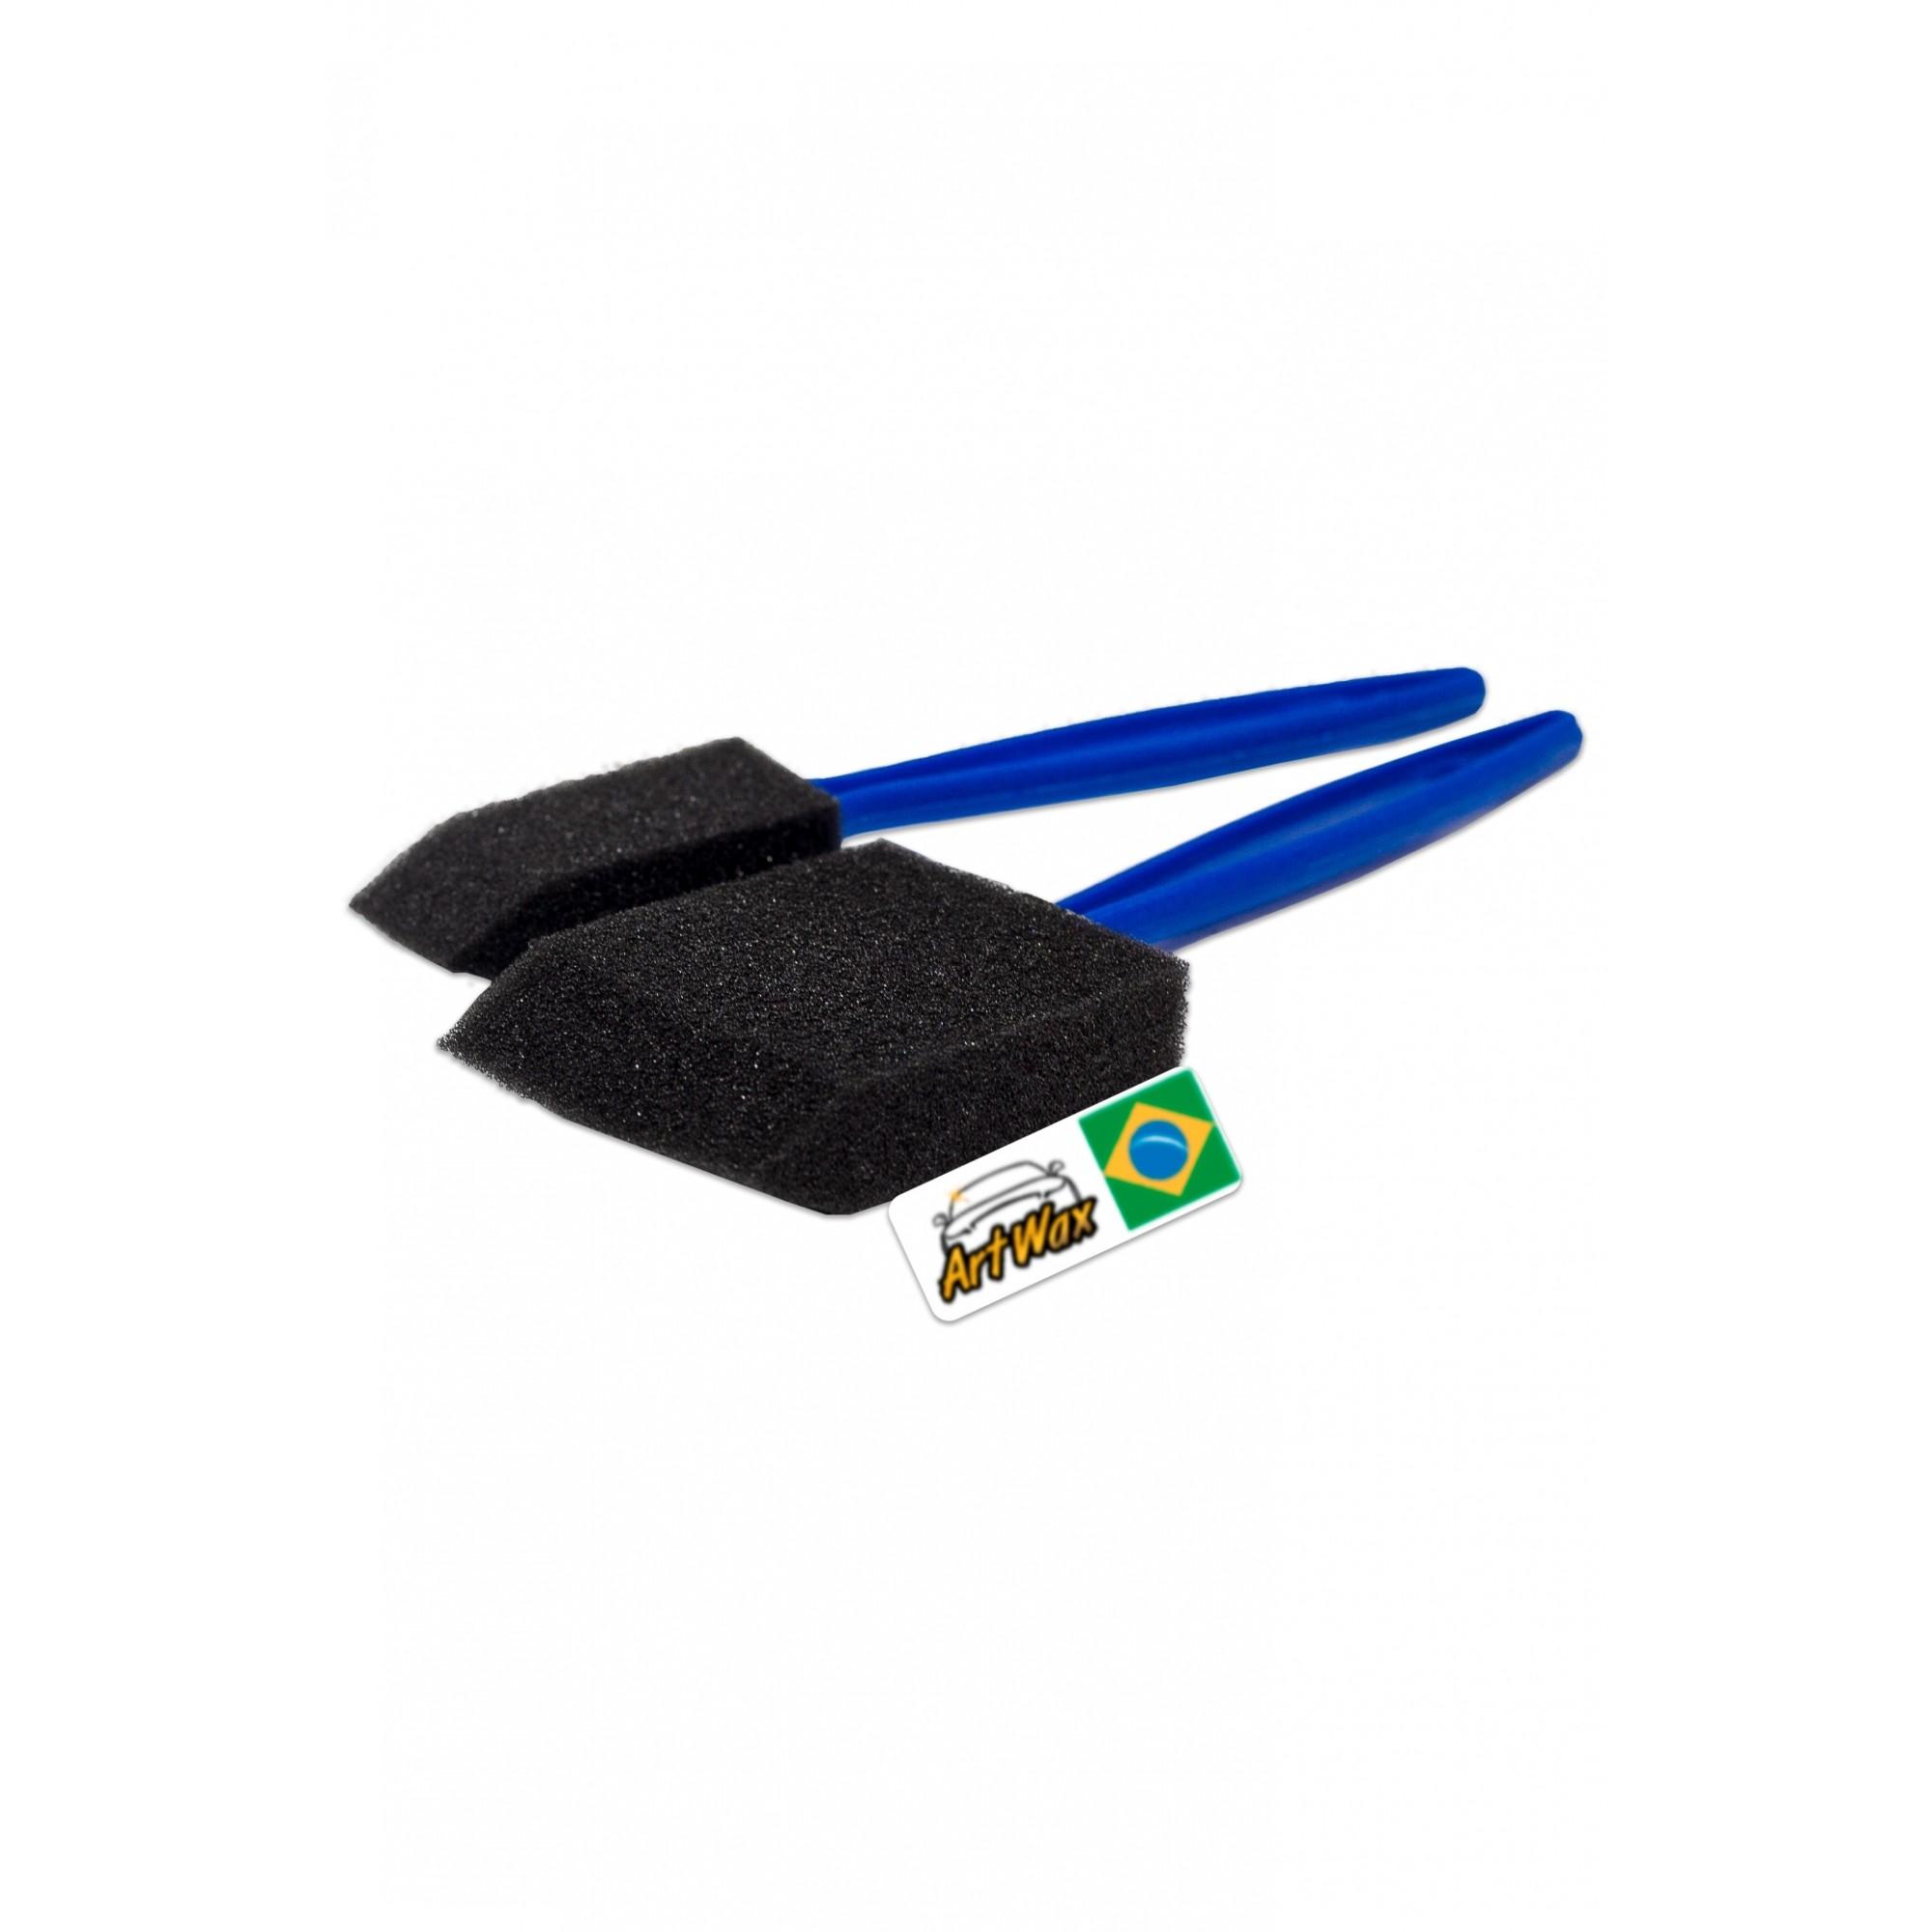 Kit Pincéis de Espuma Para Grades Externas e Difusores de Ar Vonixx - 4 Peças